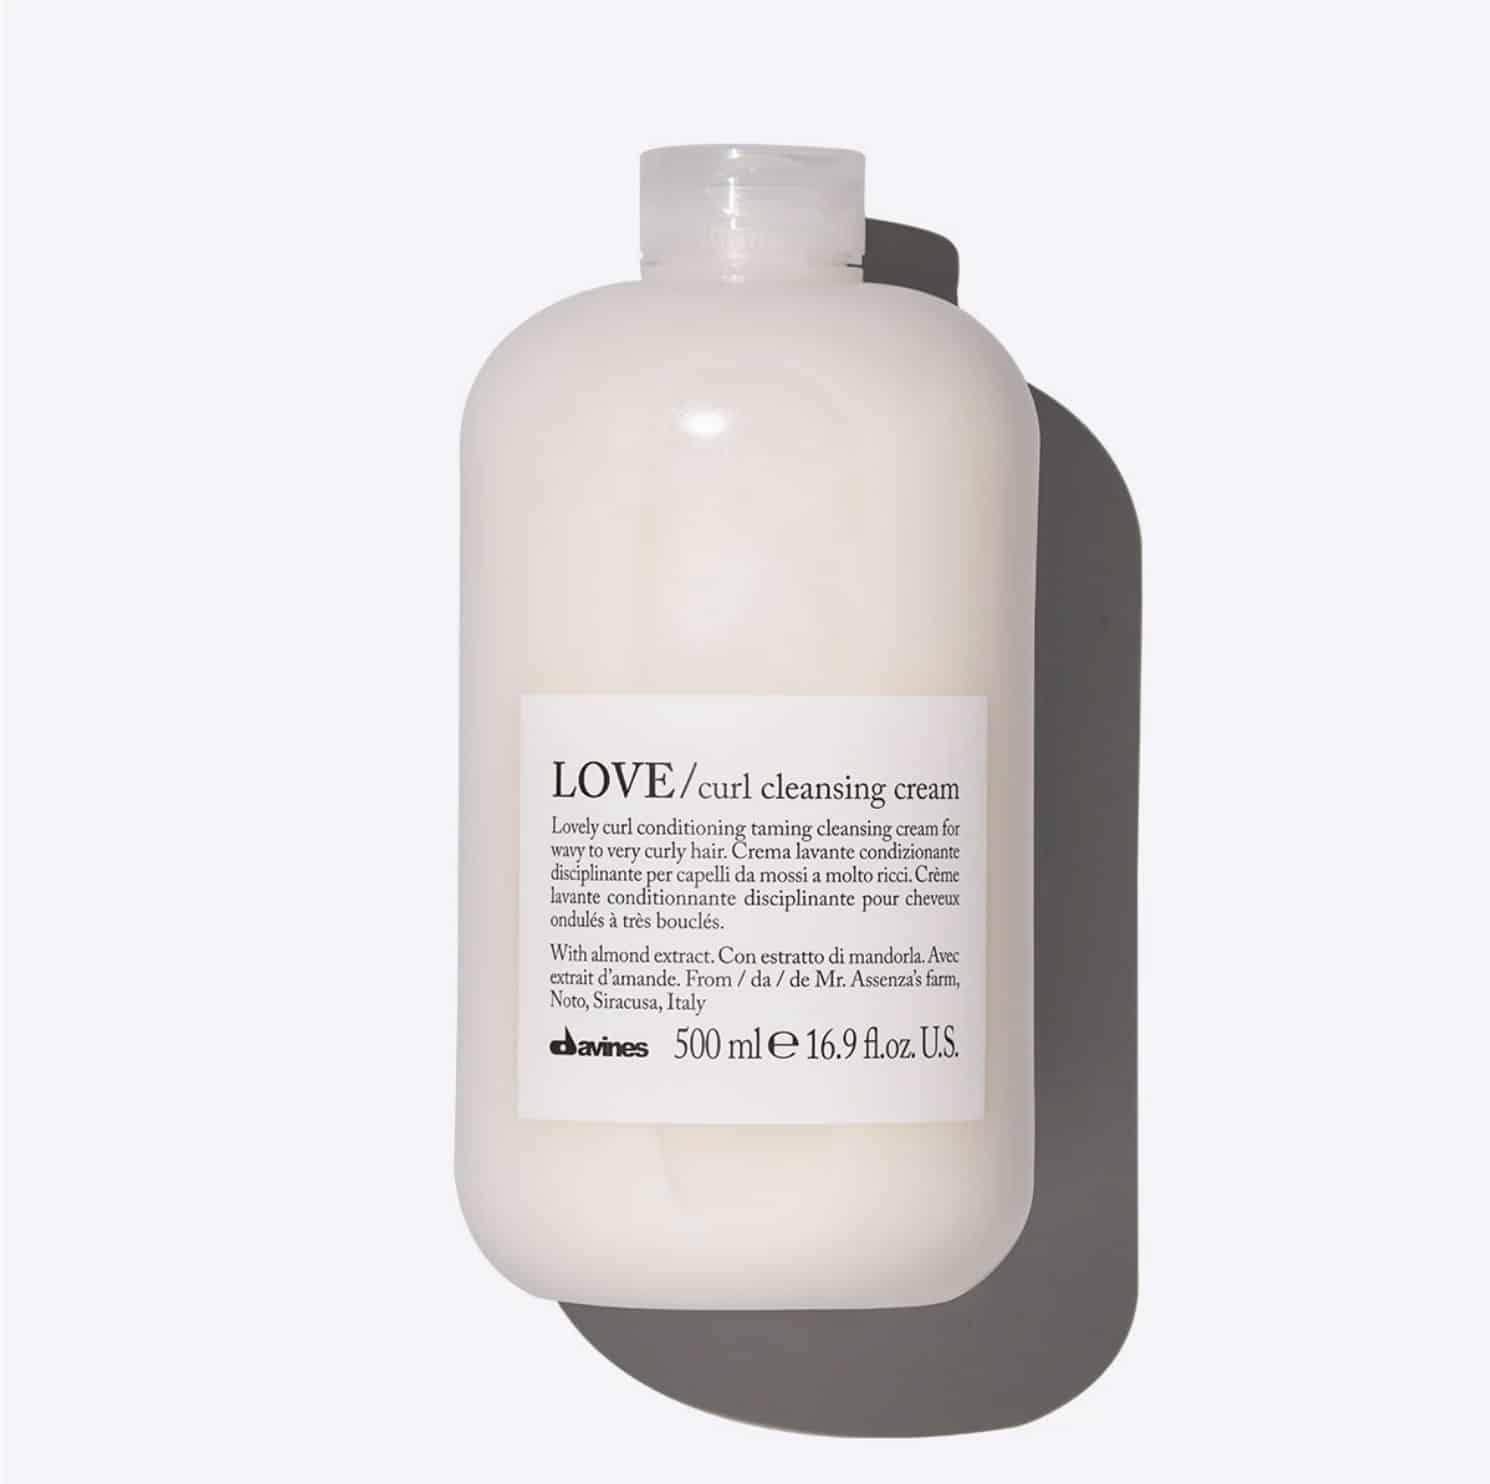 La crème lavante curl cleansing de Davines